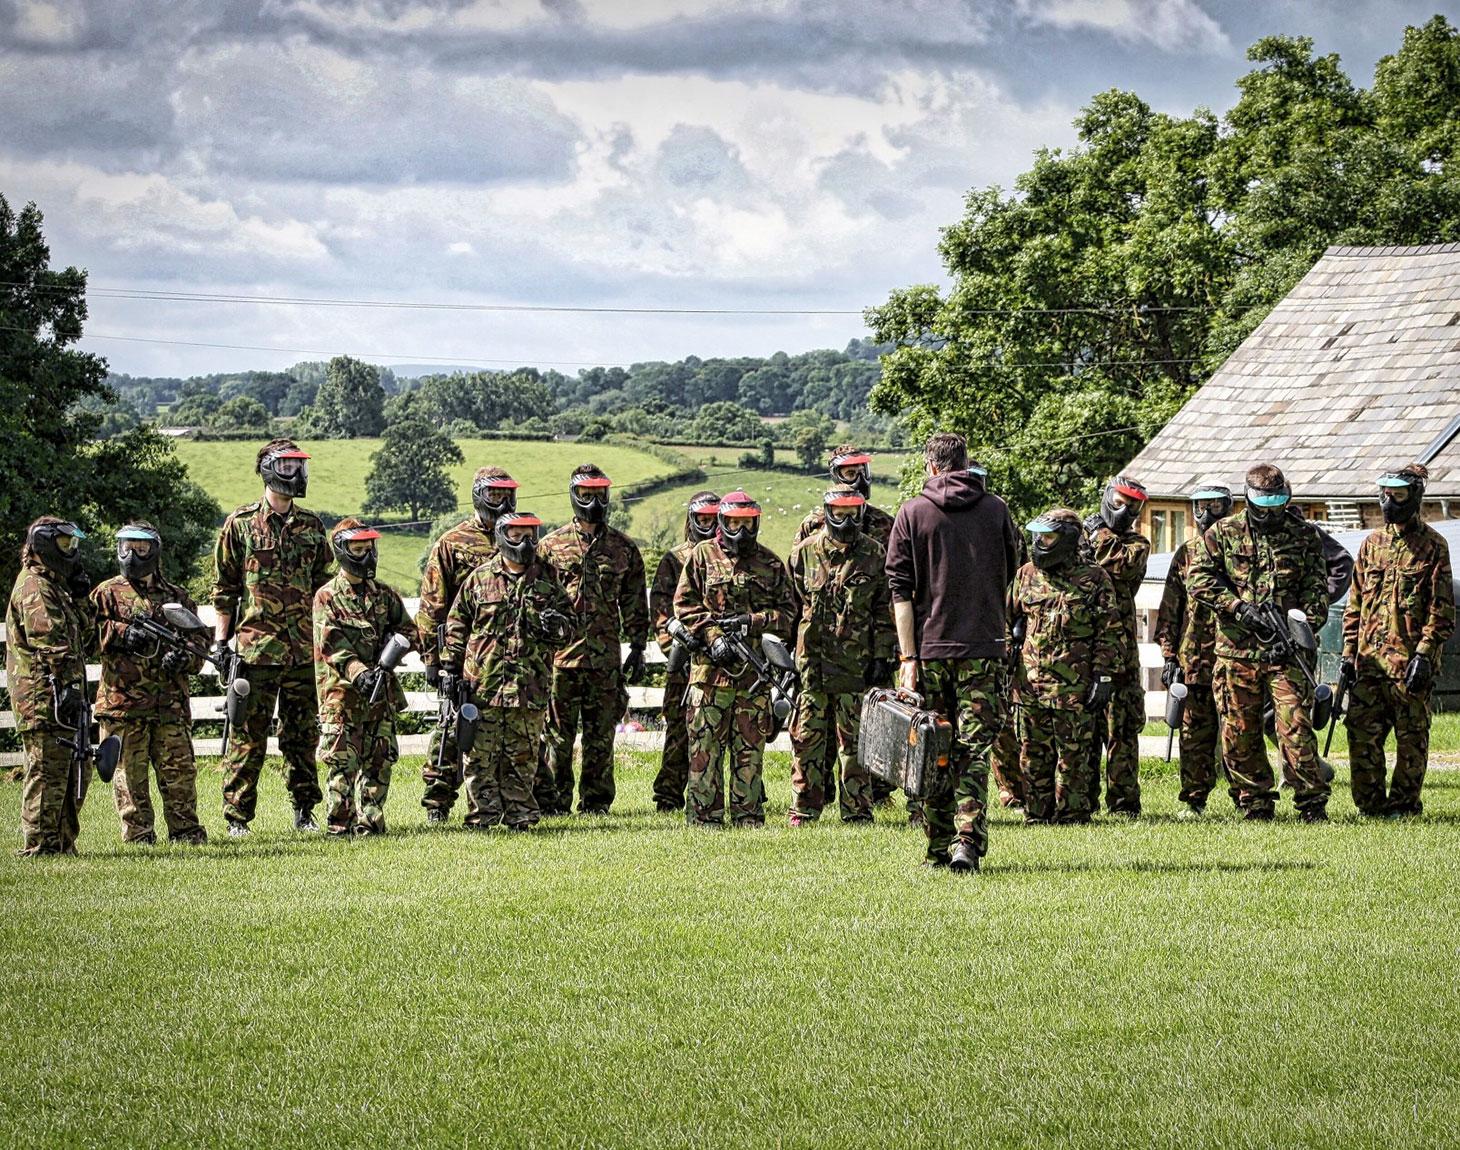 Grupo de pessoas com armamento e roupas para paintball em um gramado verde.